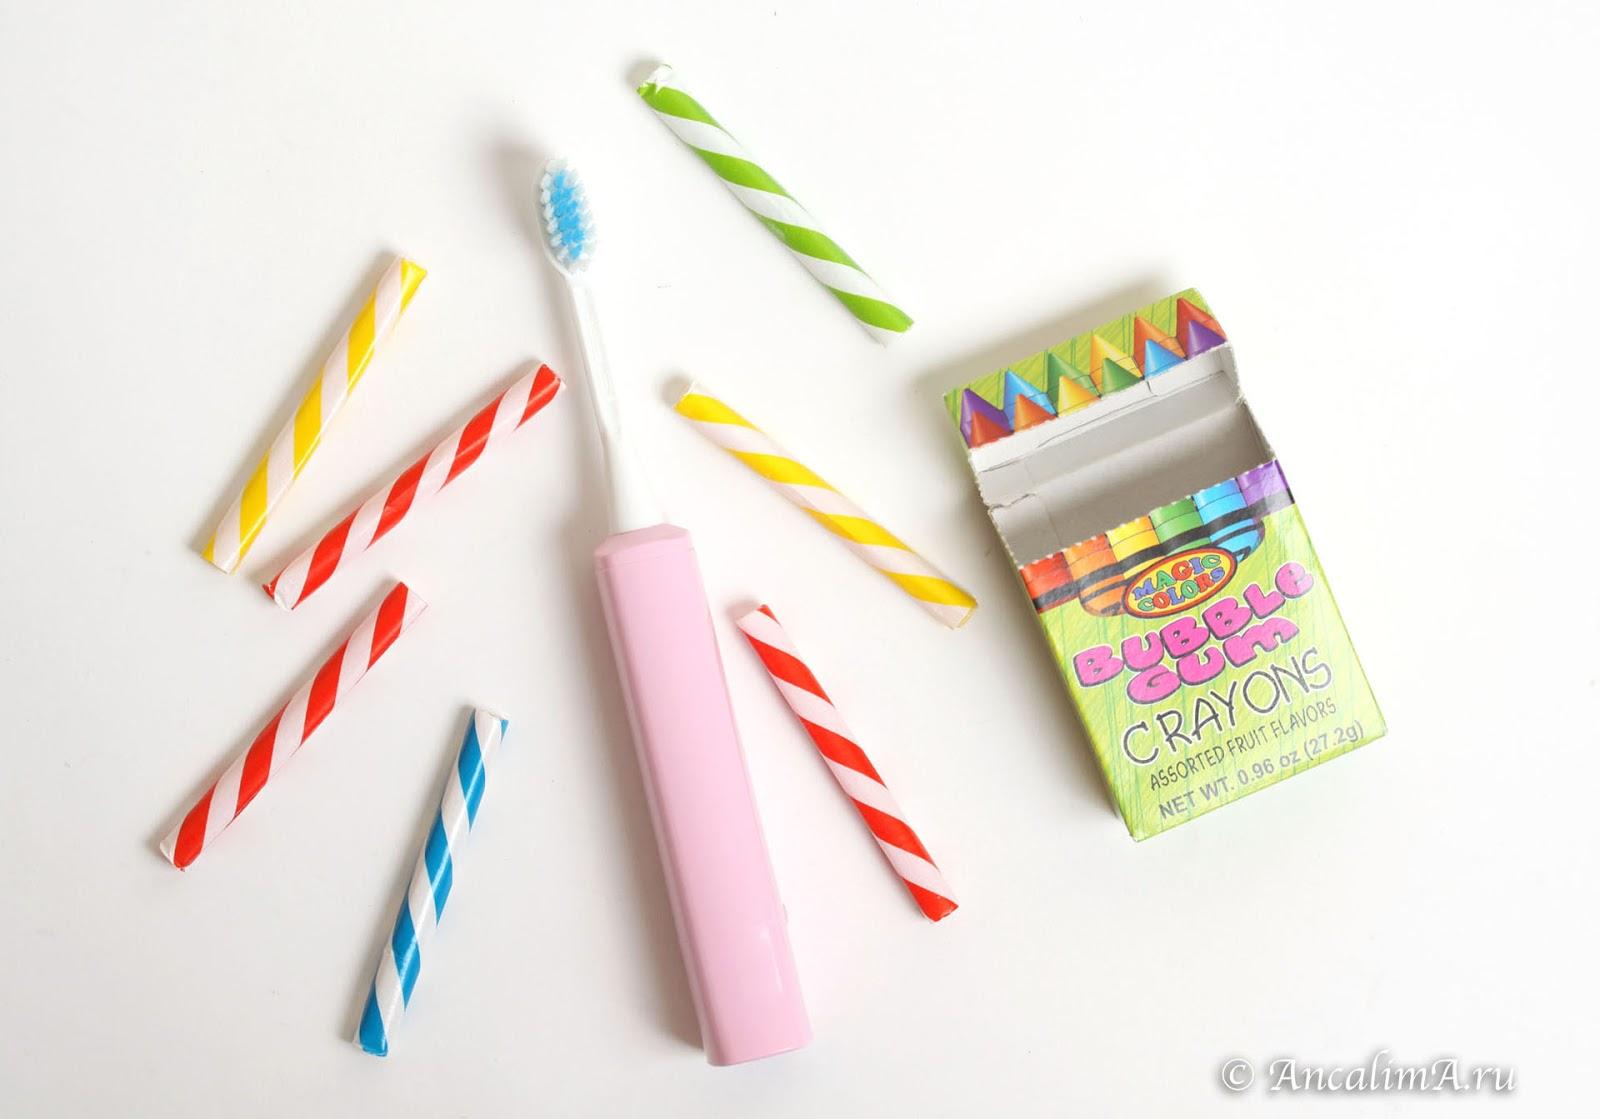 Купить зубную щетку электрическую для детей 7 лет